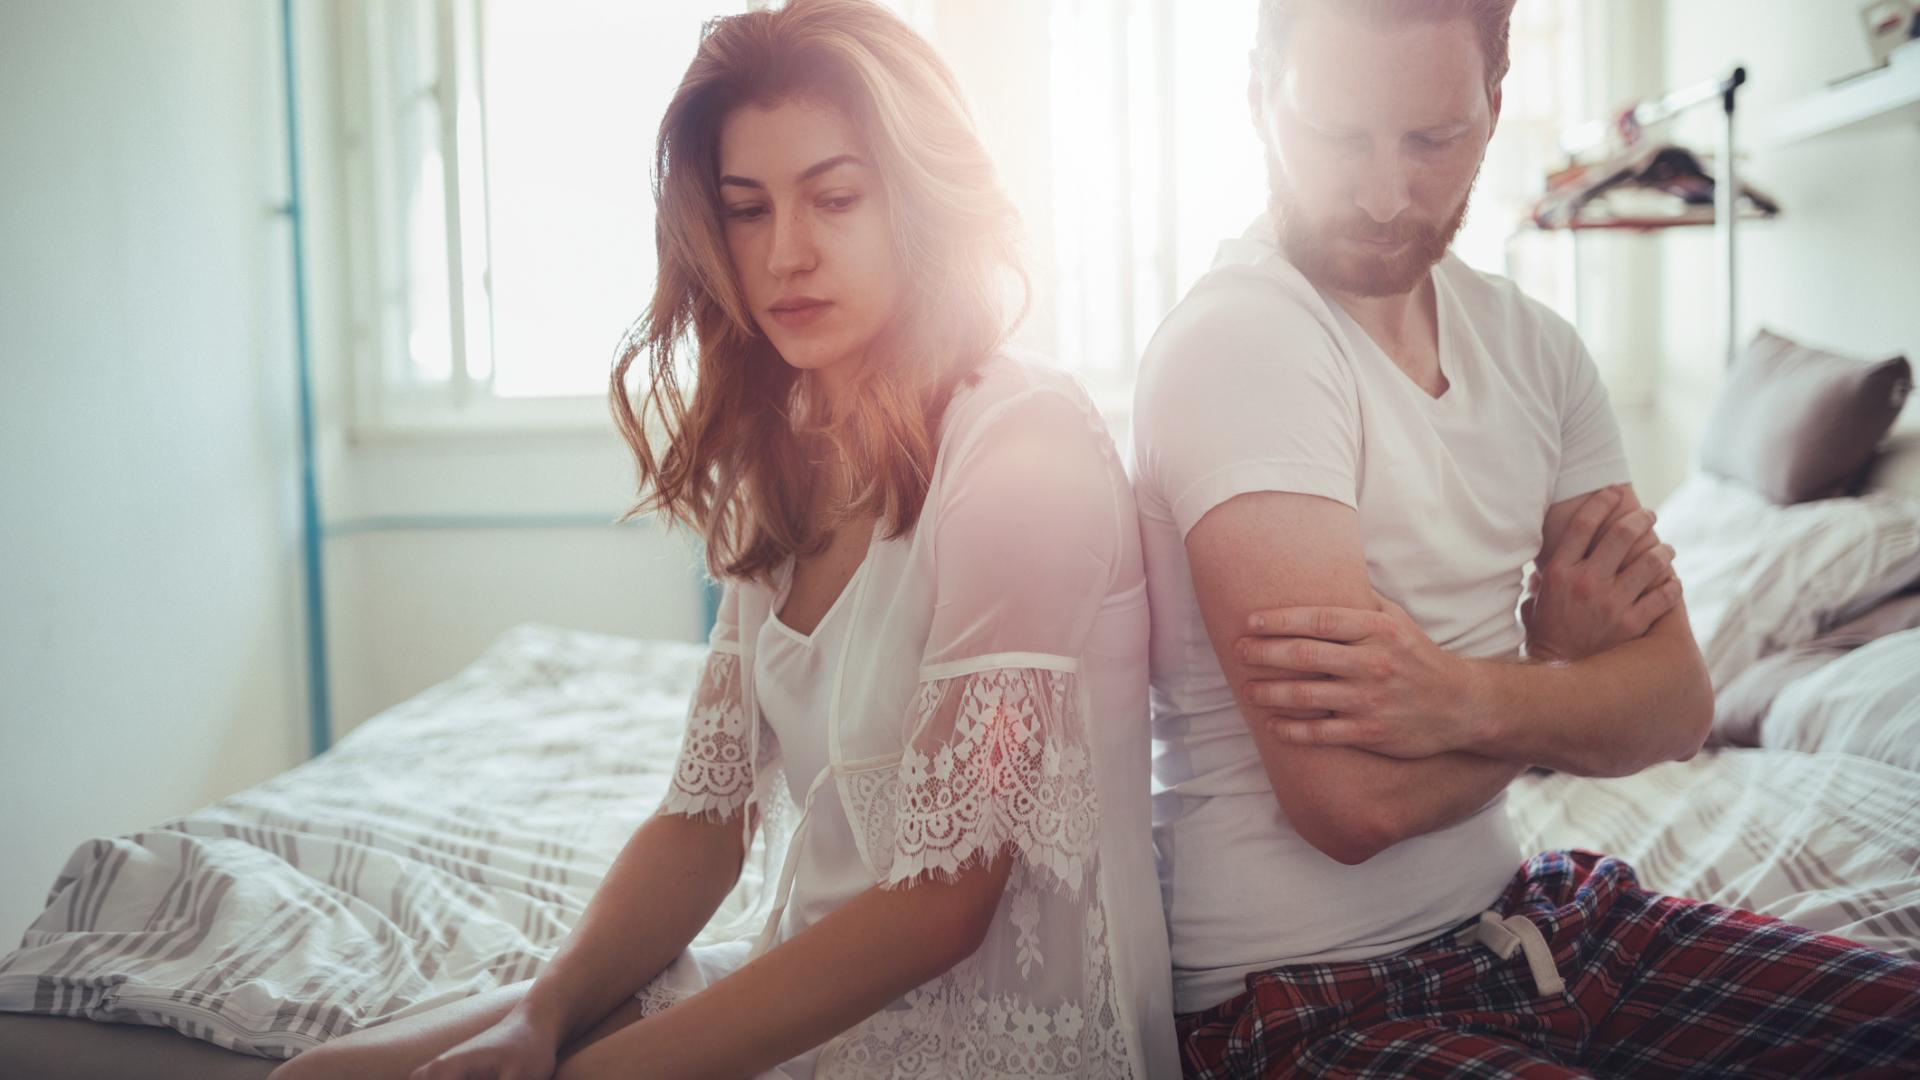 Frau und Mann schweigen sich im Bett an